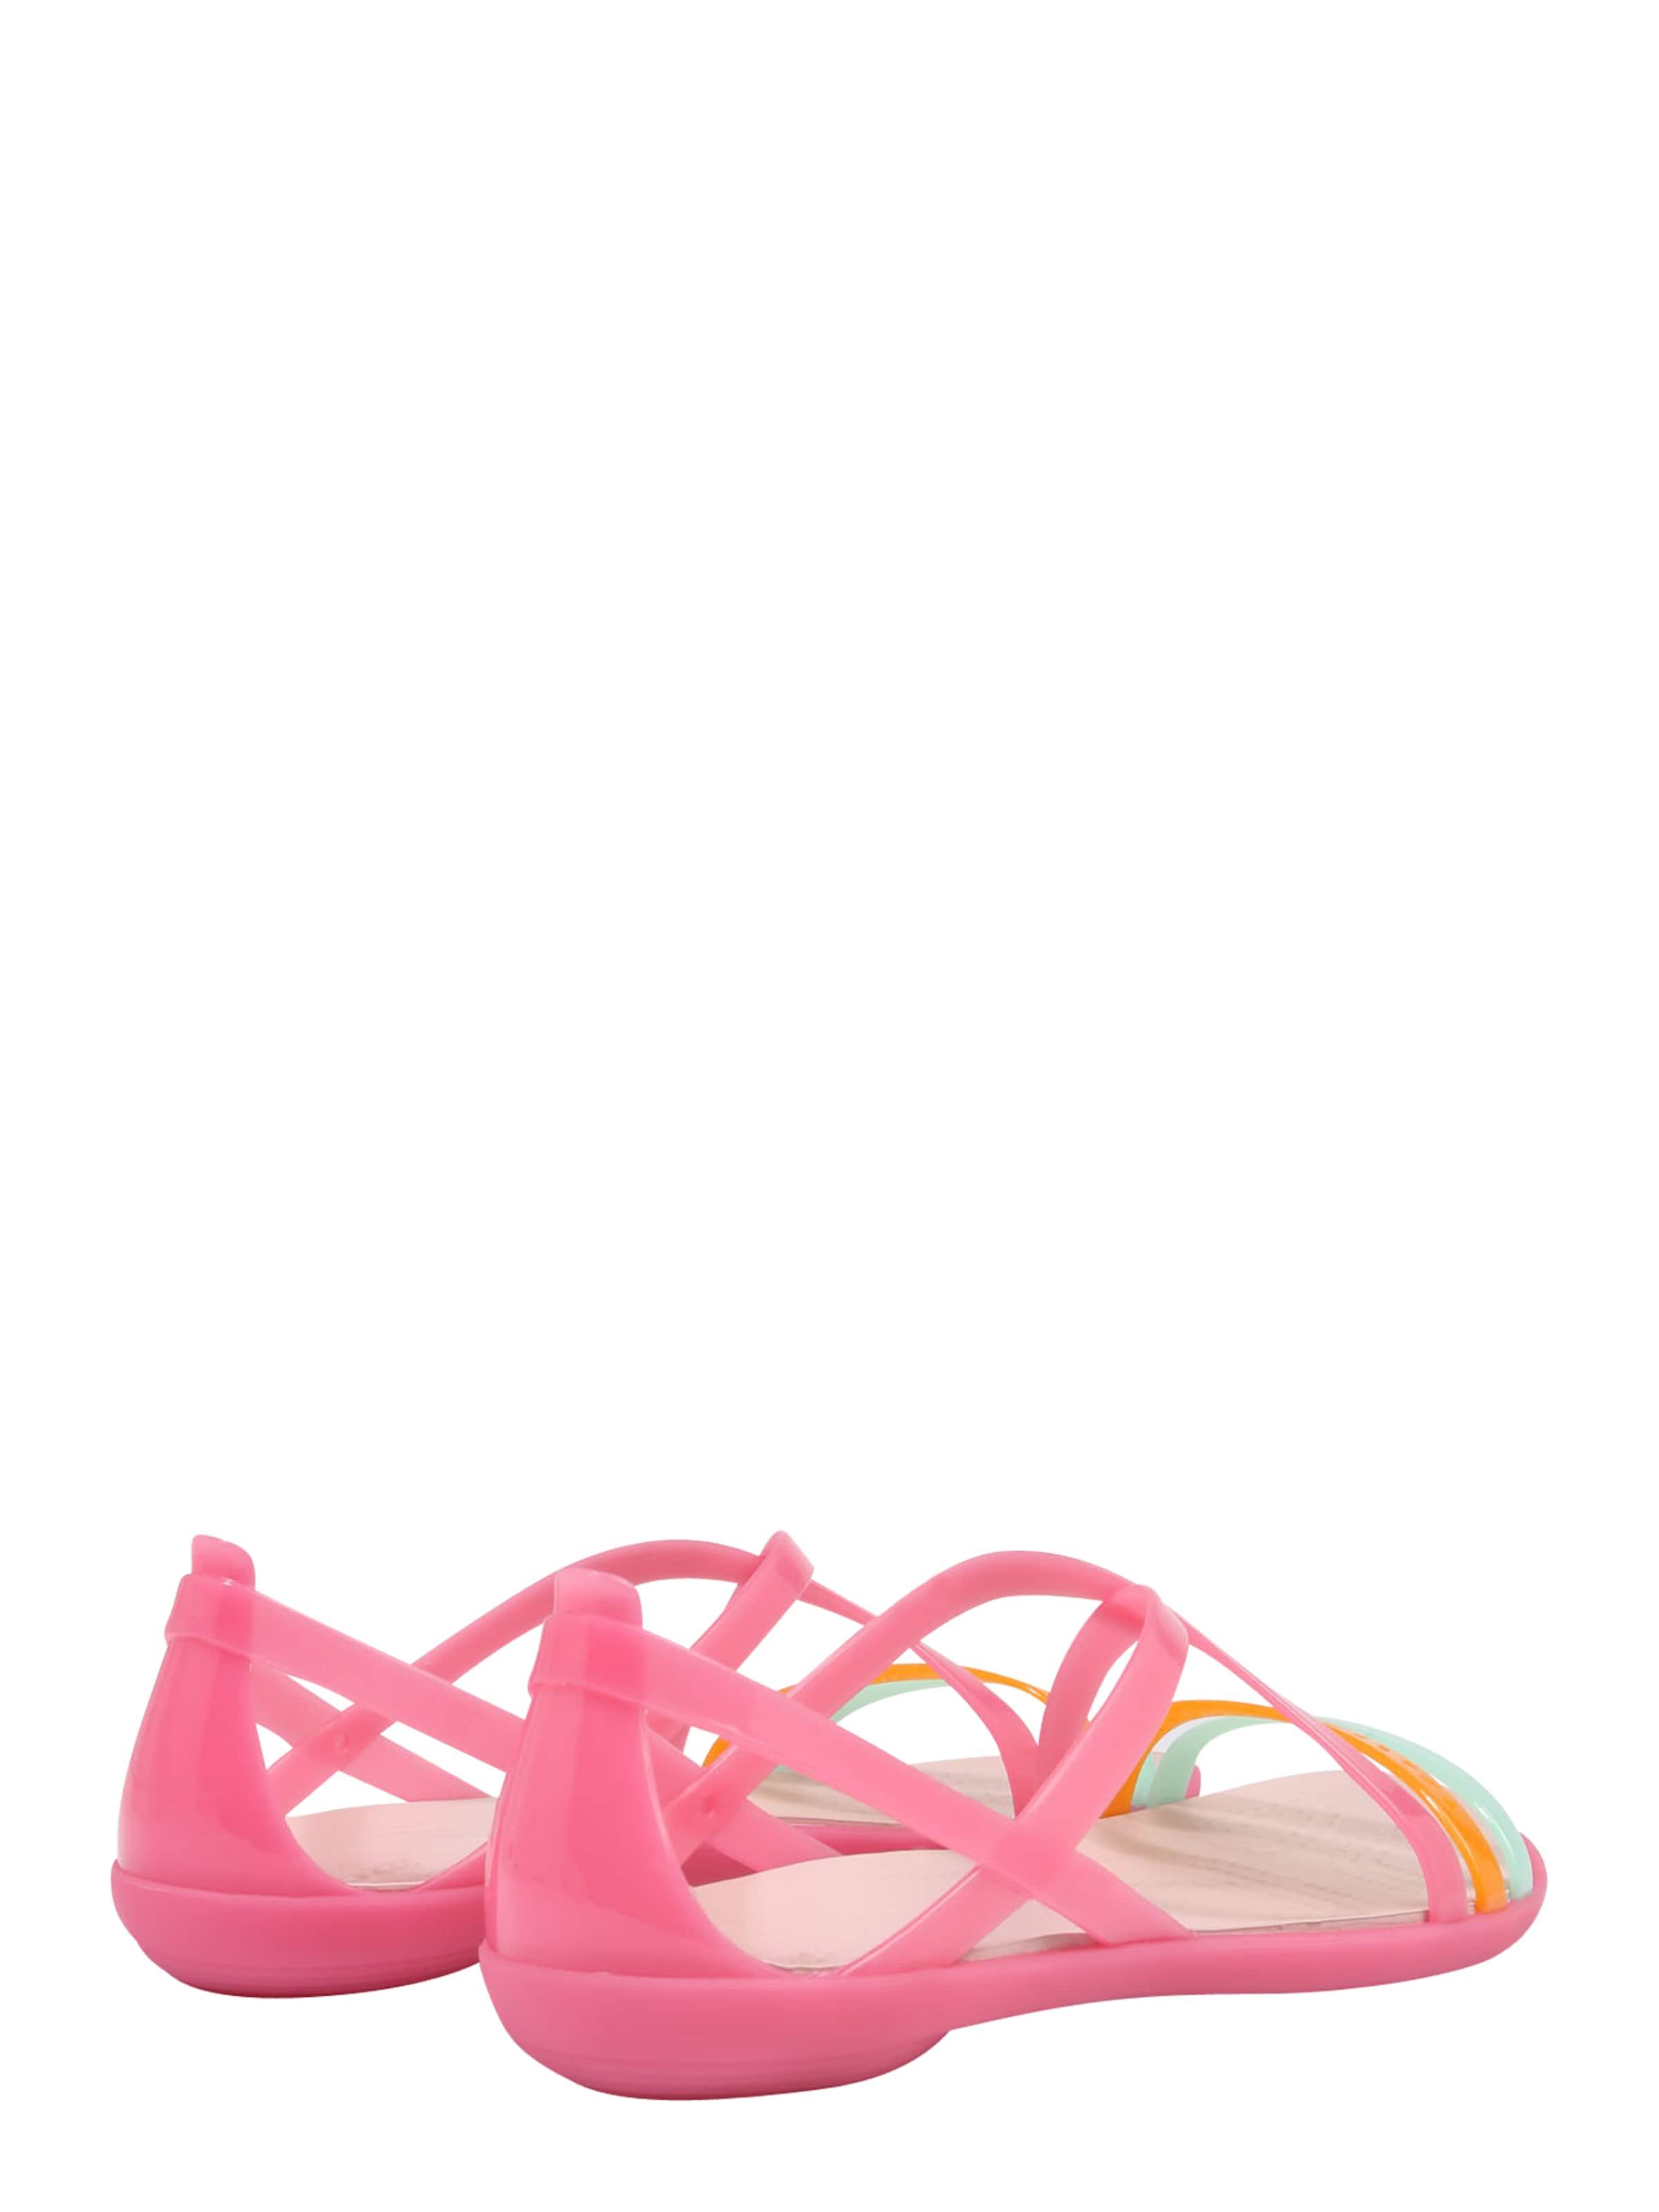 Crocs Sandalette 'Isabella Cut Strappy' Spielraum Vorbestellung Sehr Billig Günstig Online Billige Eastbay nl8GwOki